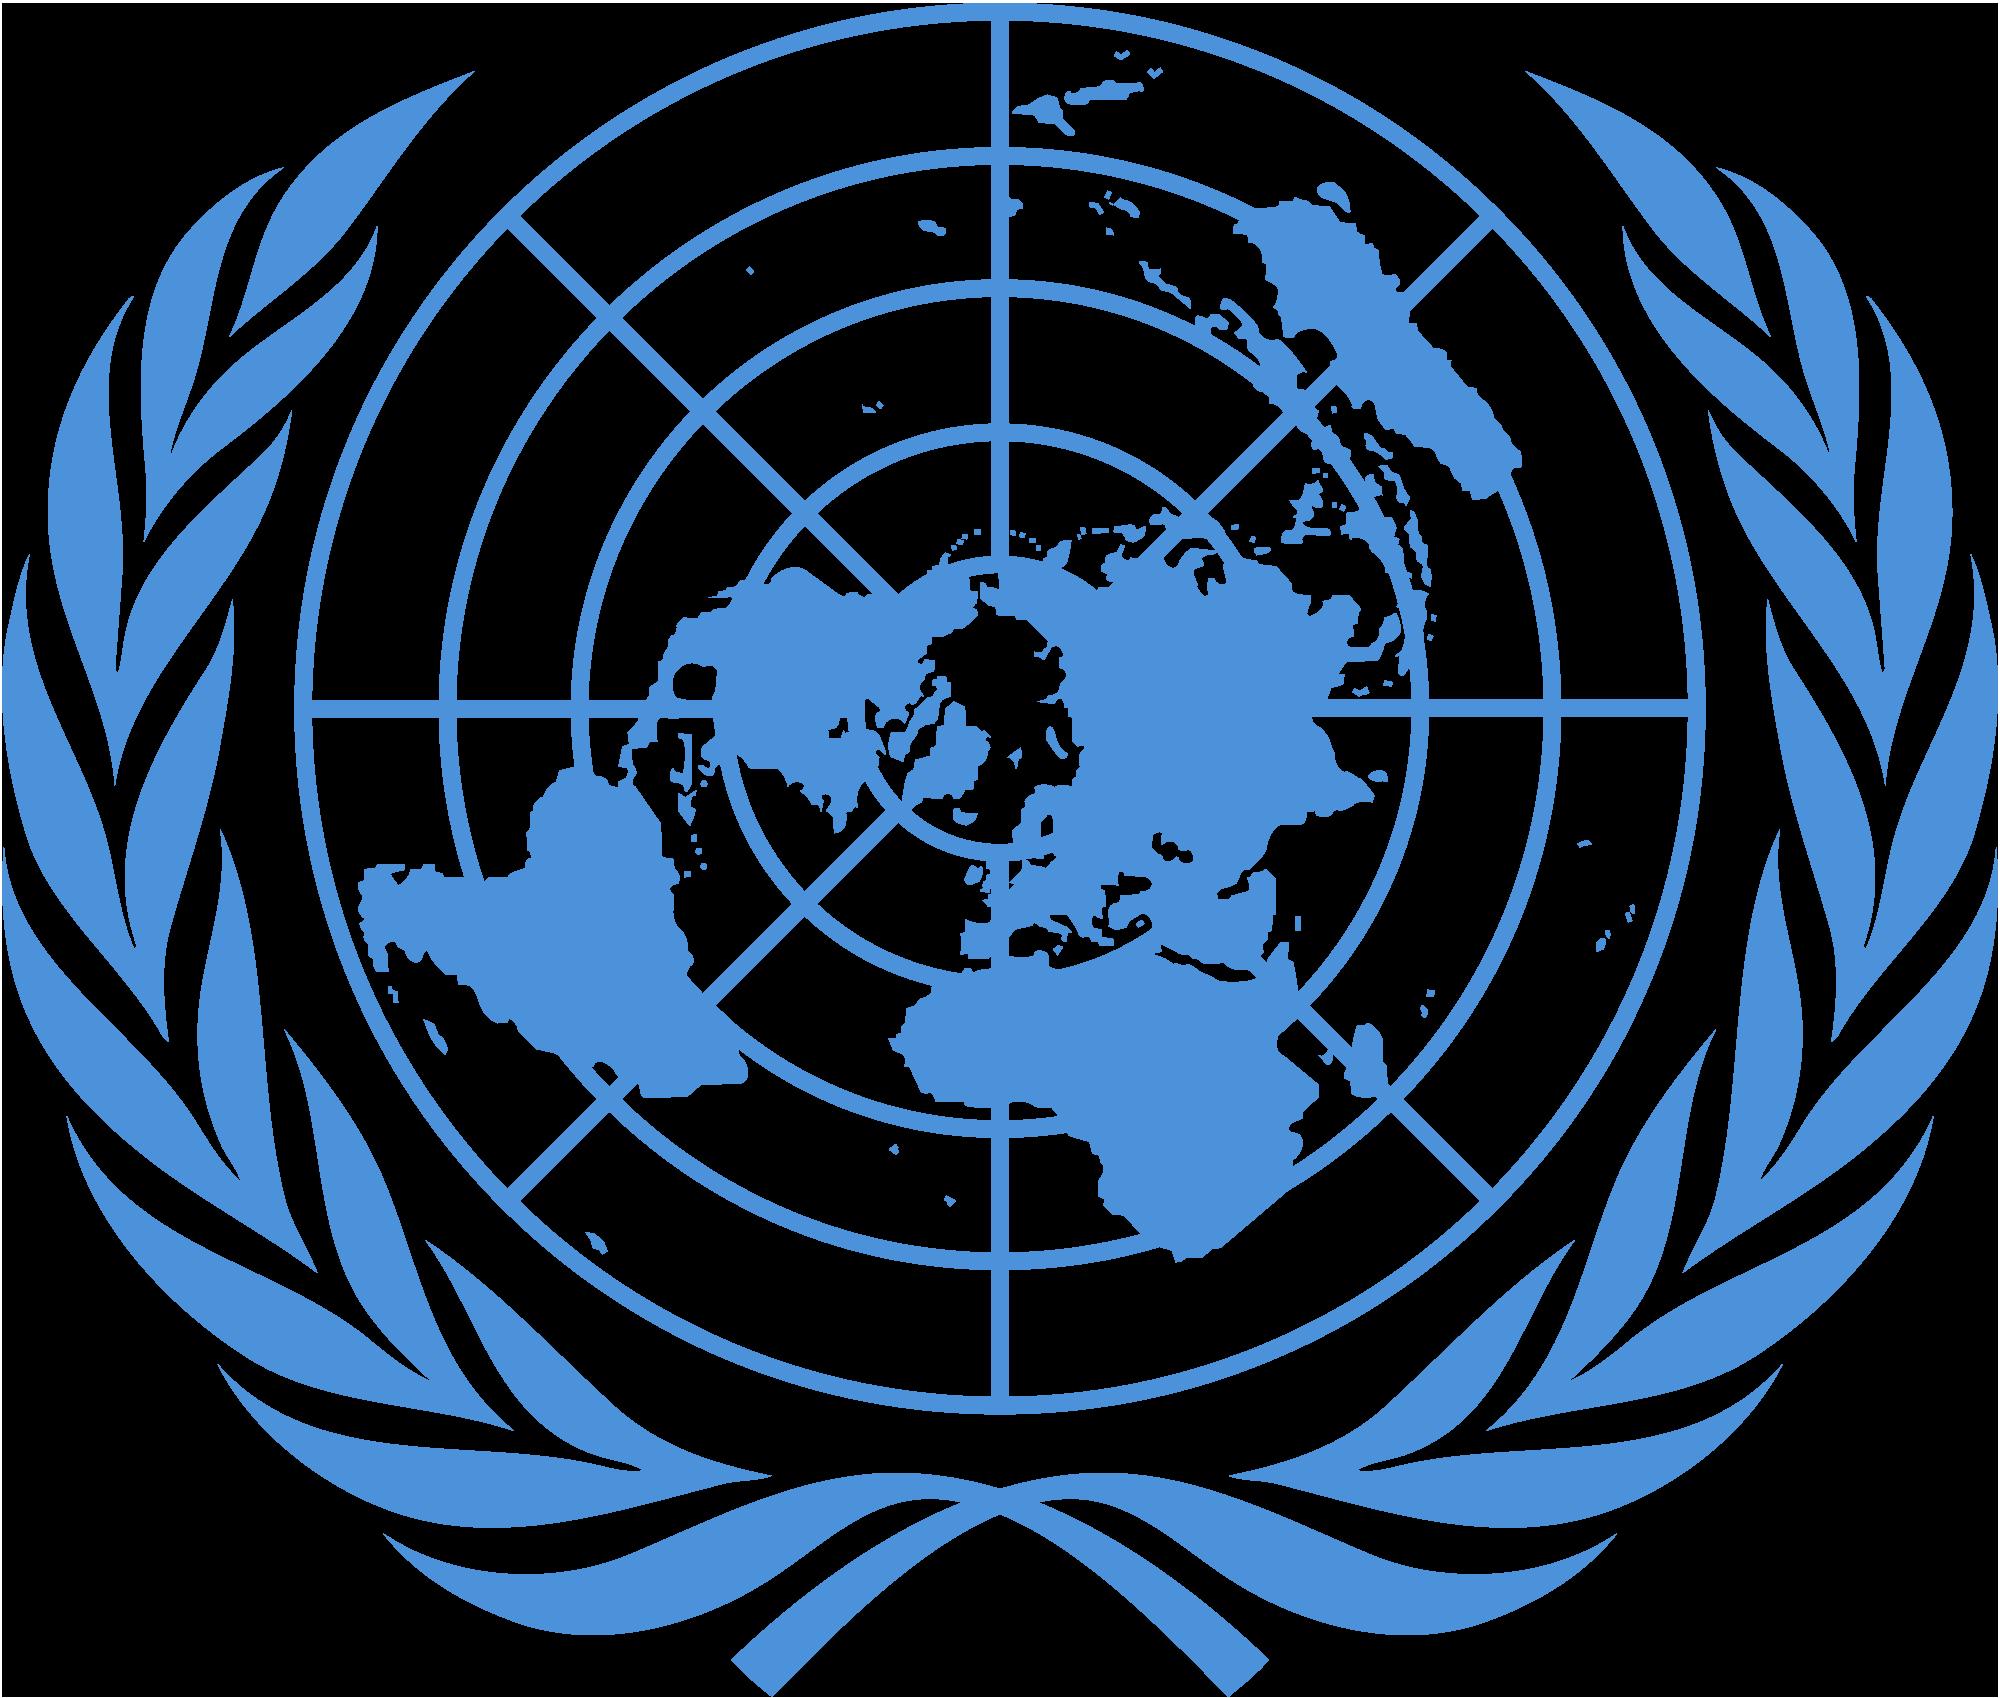 Эмблема (логотип) организации объединенных наций